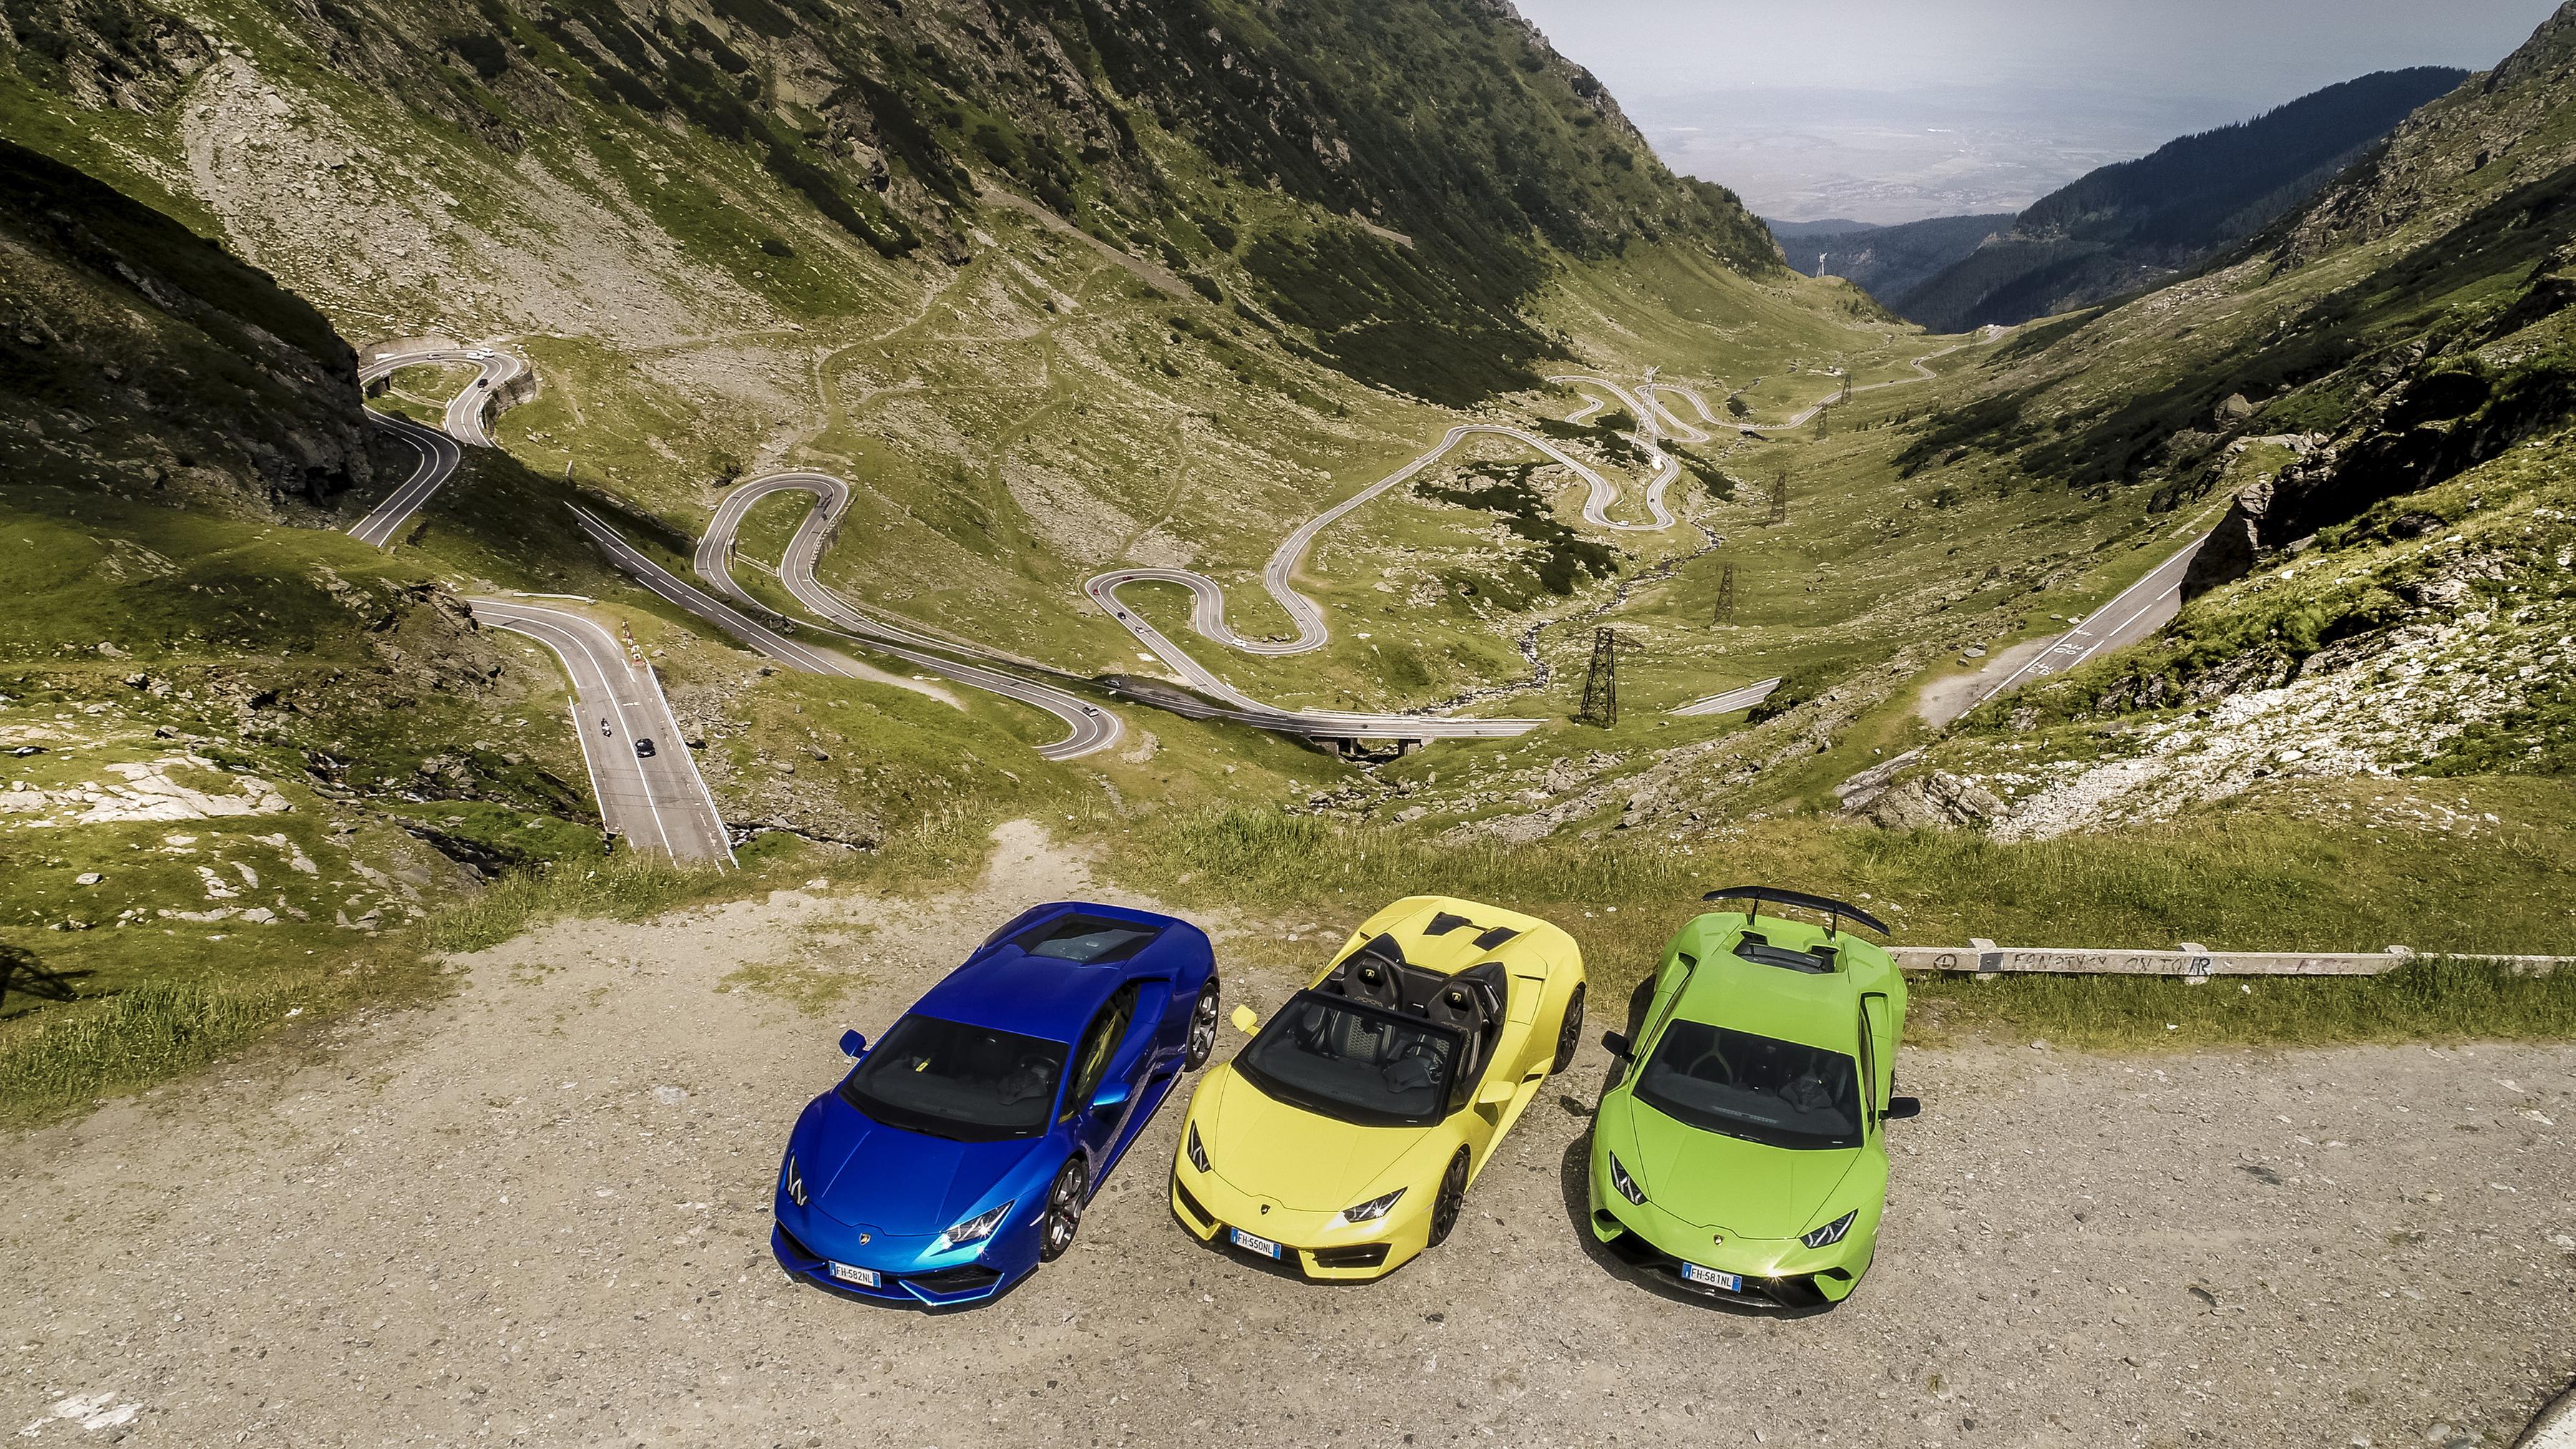 Фотографии Ламборгини Трое 3 машины 3600x2025 Lamborghini три авто машина втроем автомобиль Автомобили